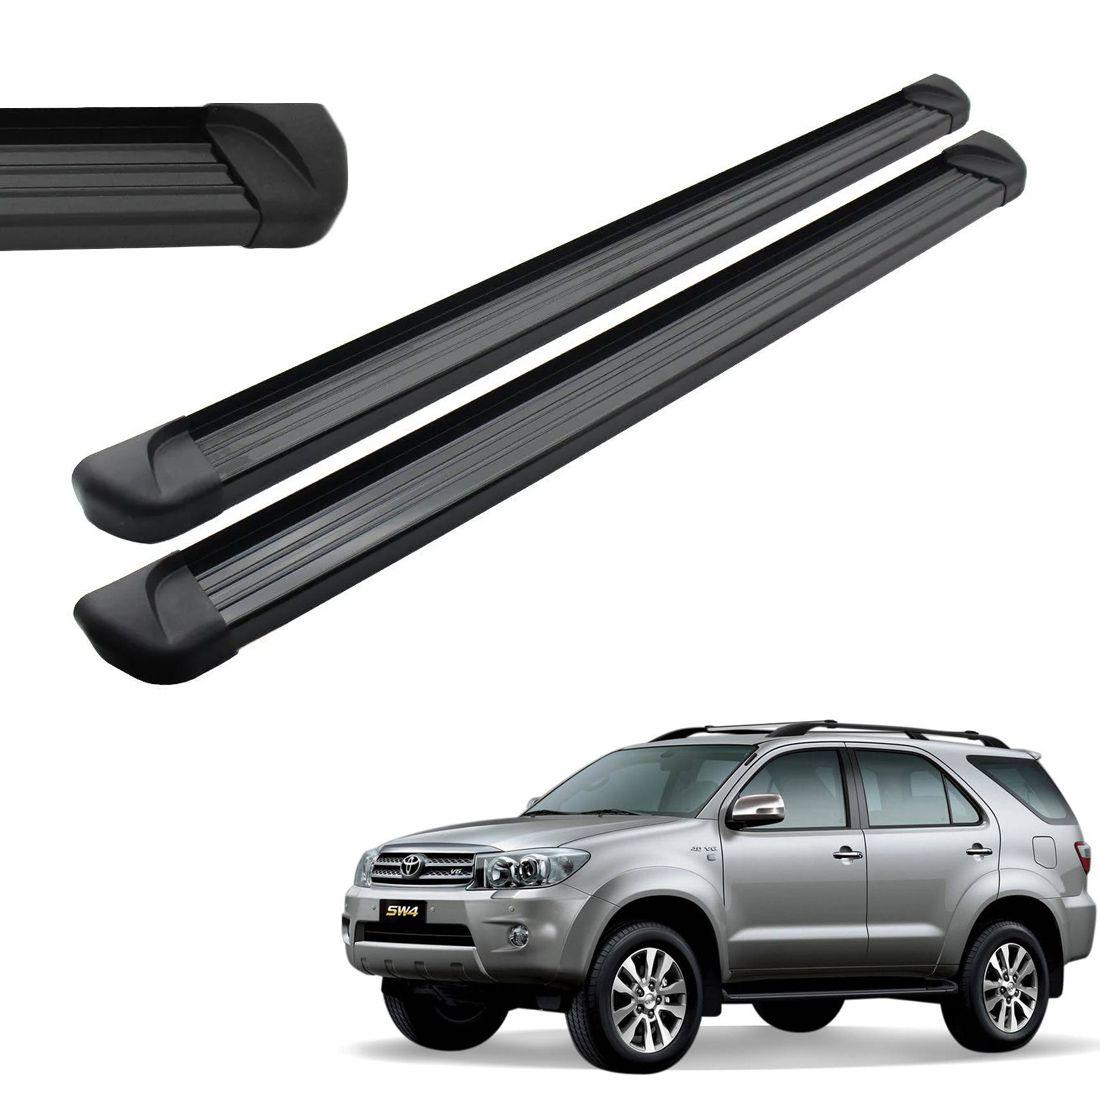 Estribo Lateral Aluminio Preto Sw4 2005 a 2013 2014 2015